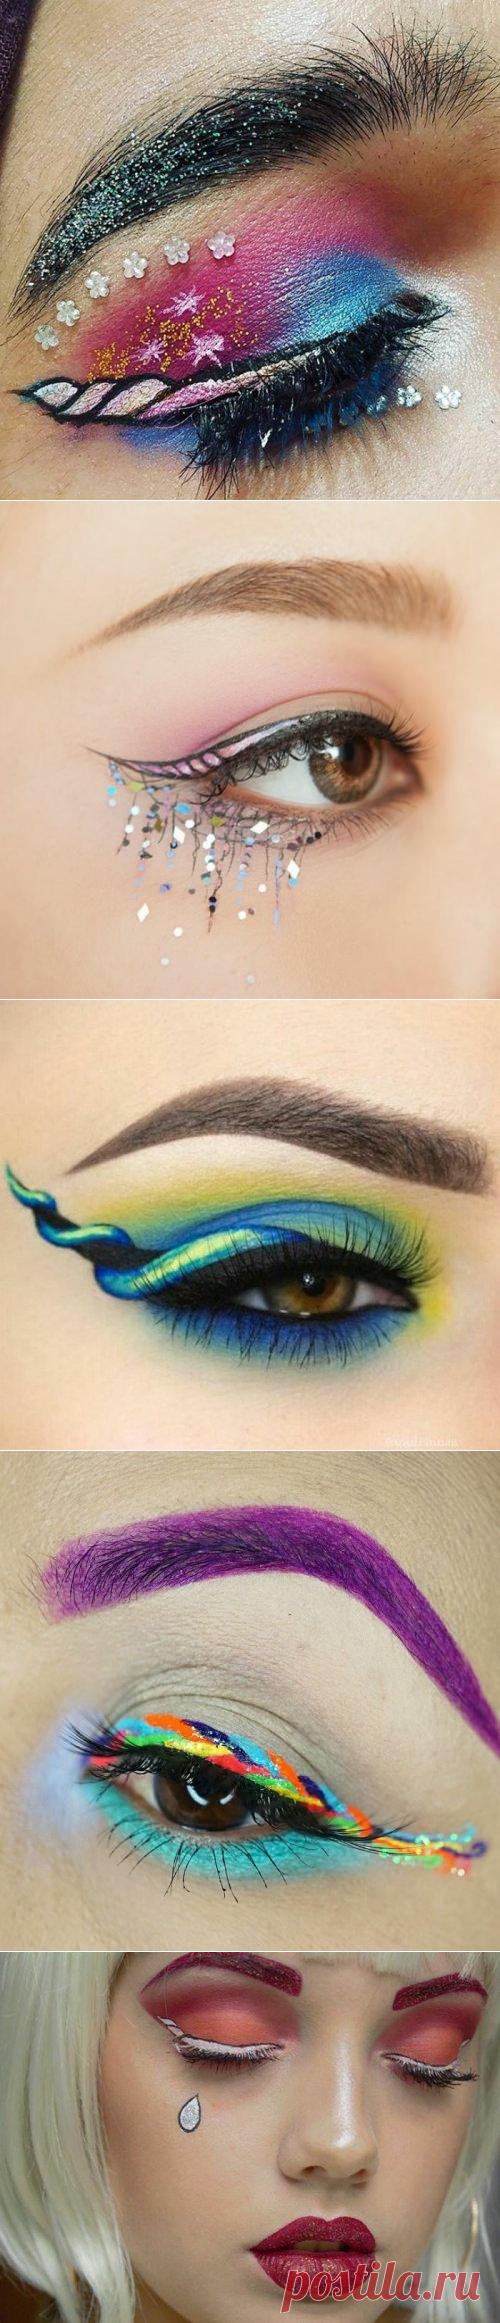 Новый модный тренд в Instagram: стрелки на глазах в виде рогов единорога